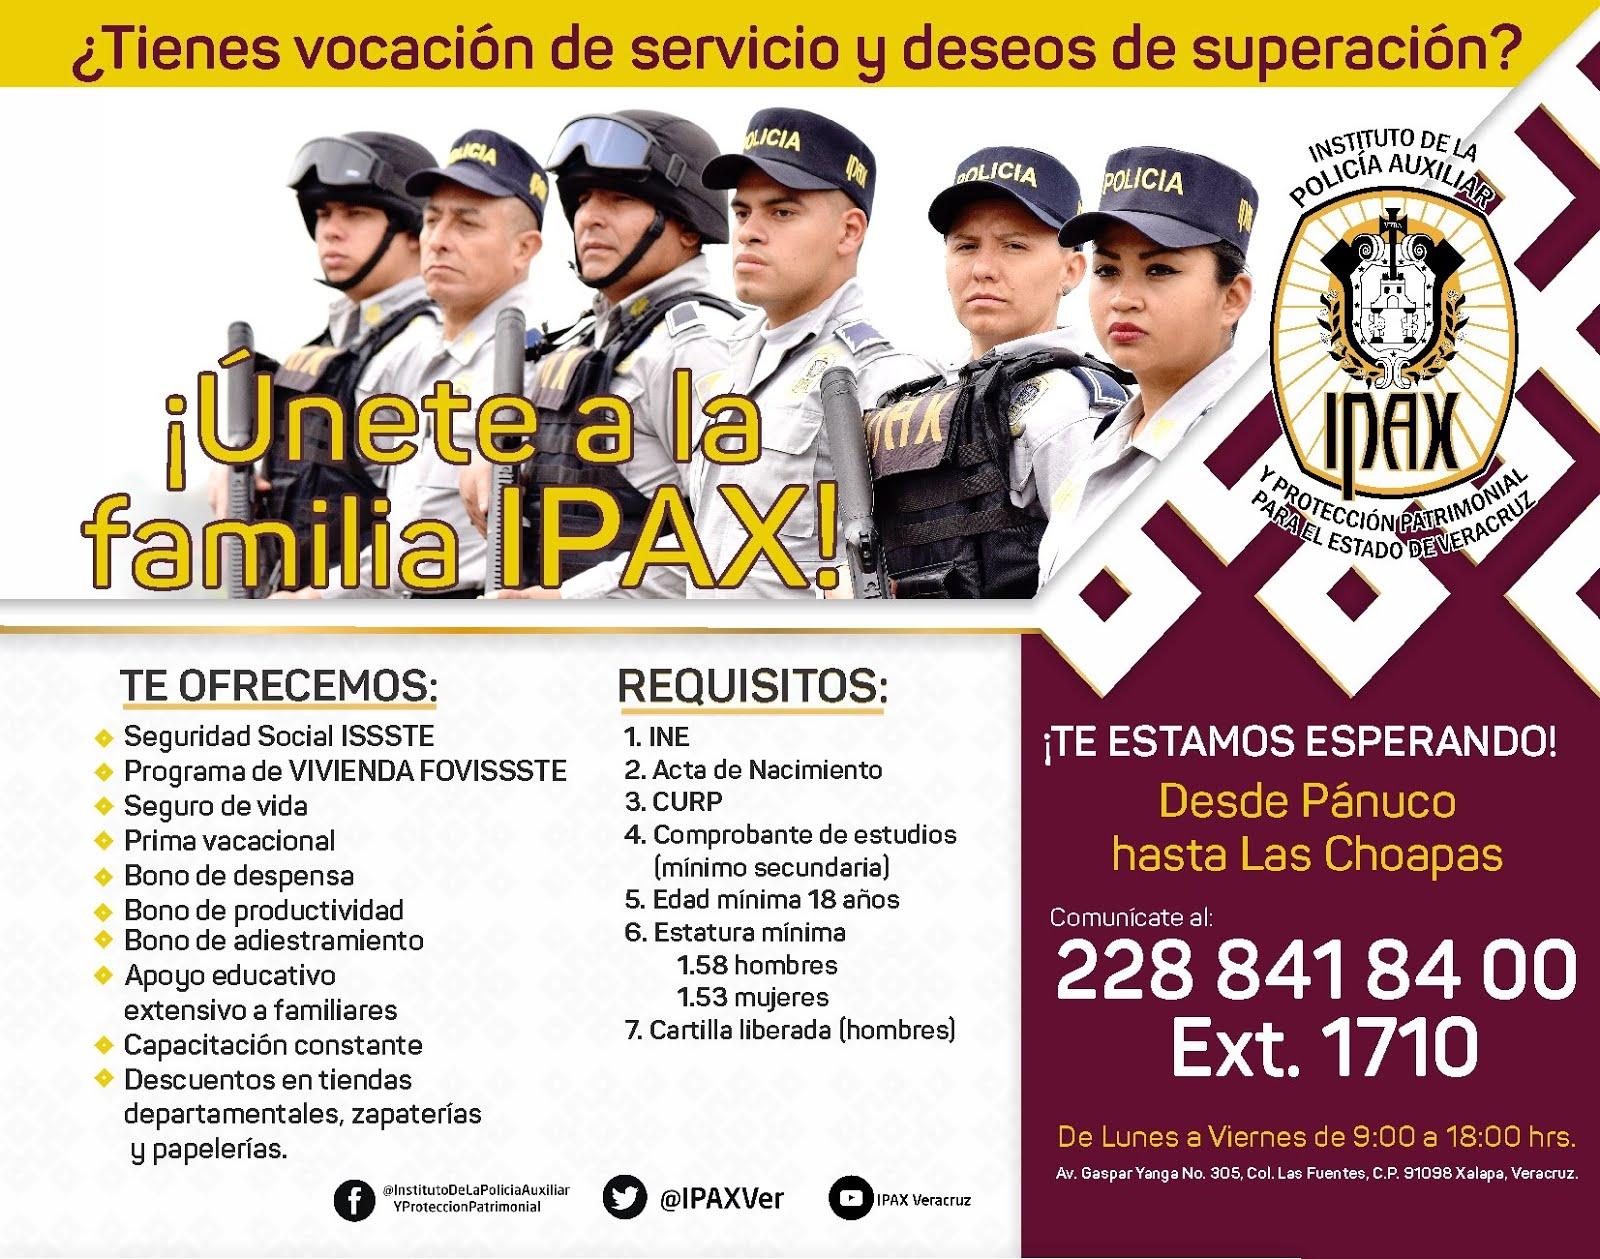 IPAX OFRECE EMPLEO A QUIENES TIENEN LA VOCACIÓN DE LA CARRERA POLICIAL